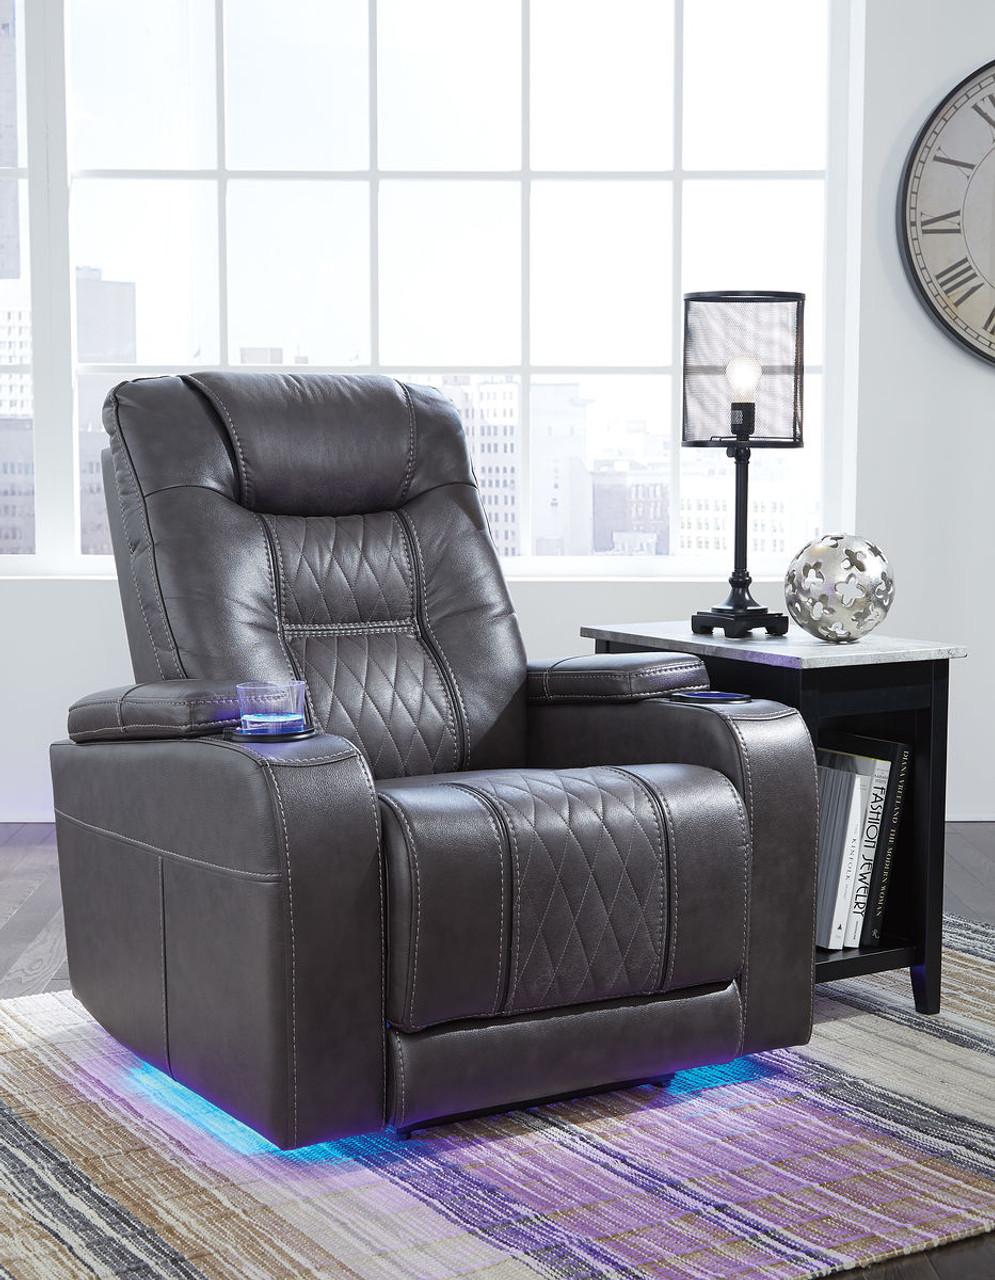 Excellent The Composer Gray Power Recliner Adjustable Headrest Inzonedesignstudio Interior Chair Design Inzonedesignstudiocom